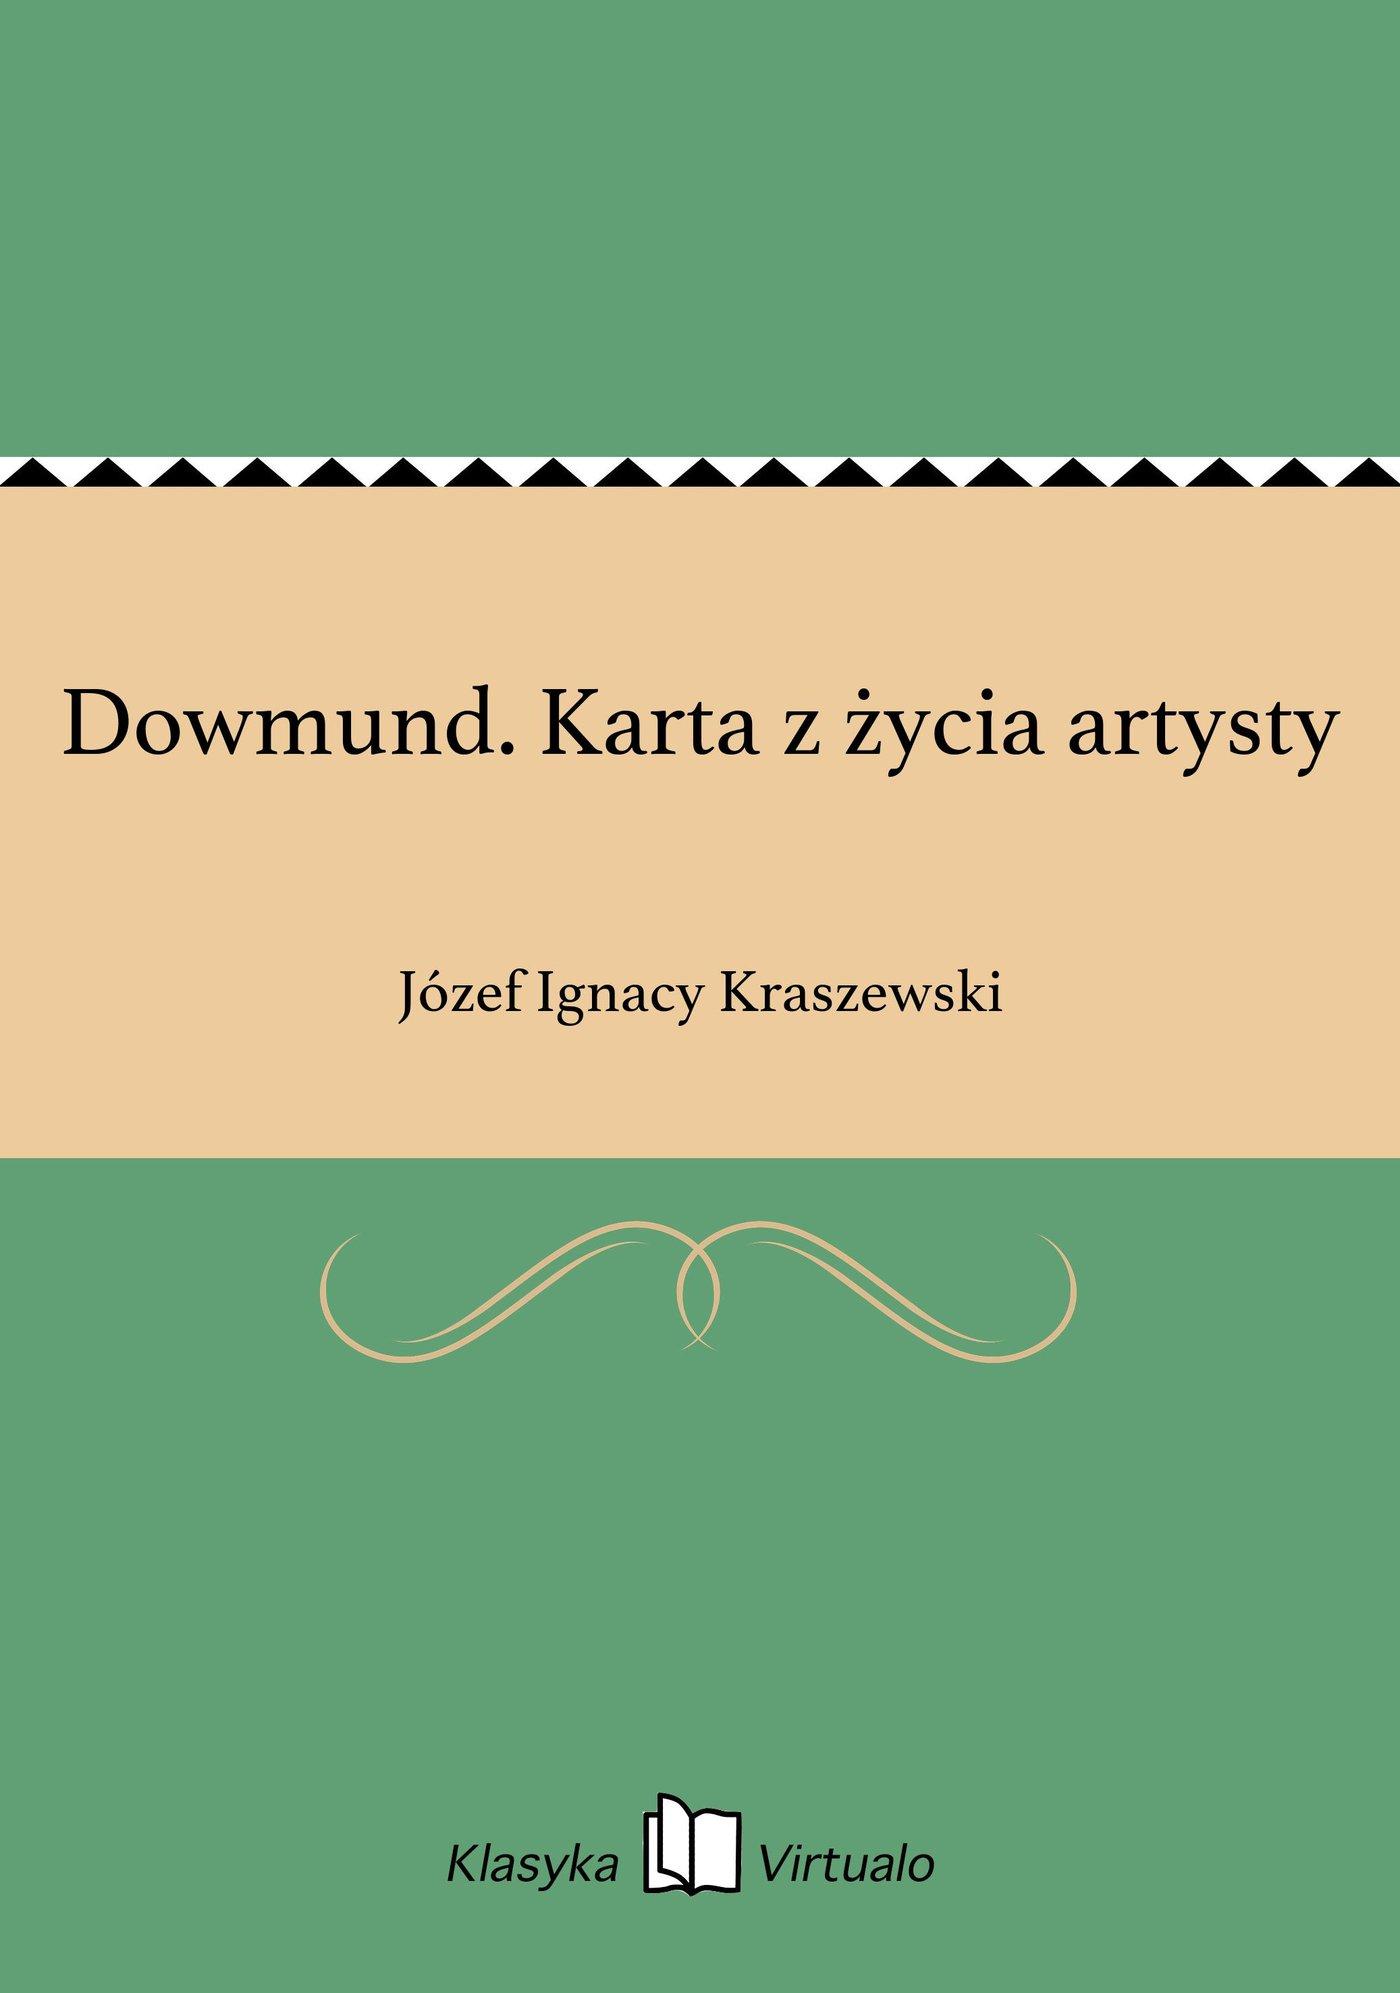 Dowmund. Karta z życia artysty - Ebook (Książka na Kindle) do pobrania w formacie MOBI